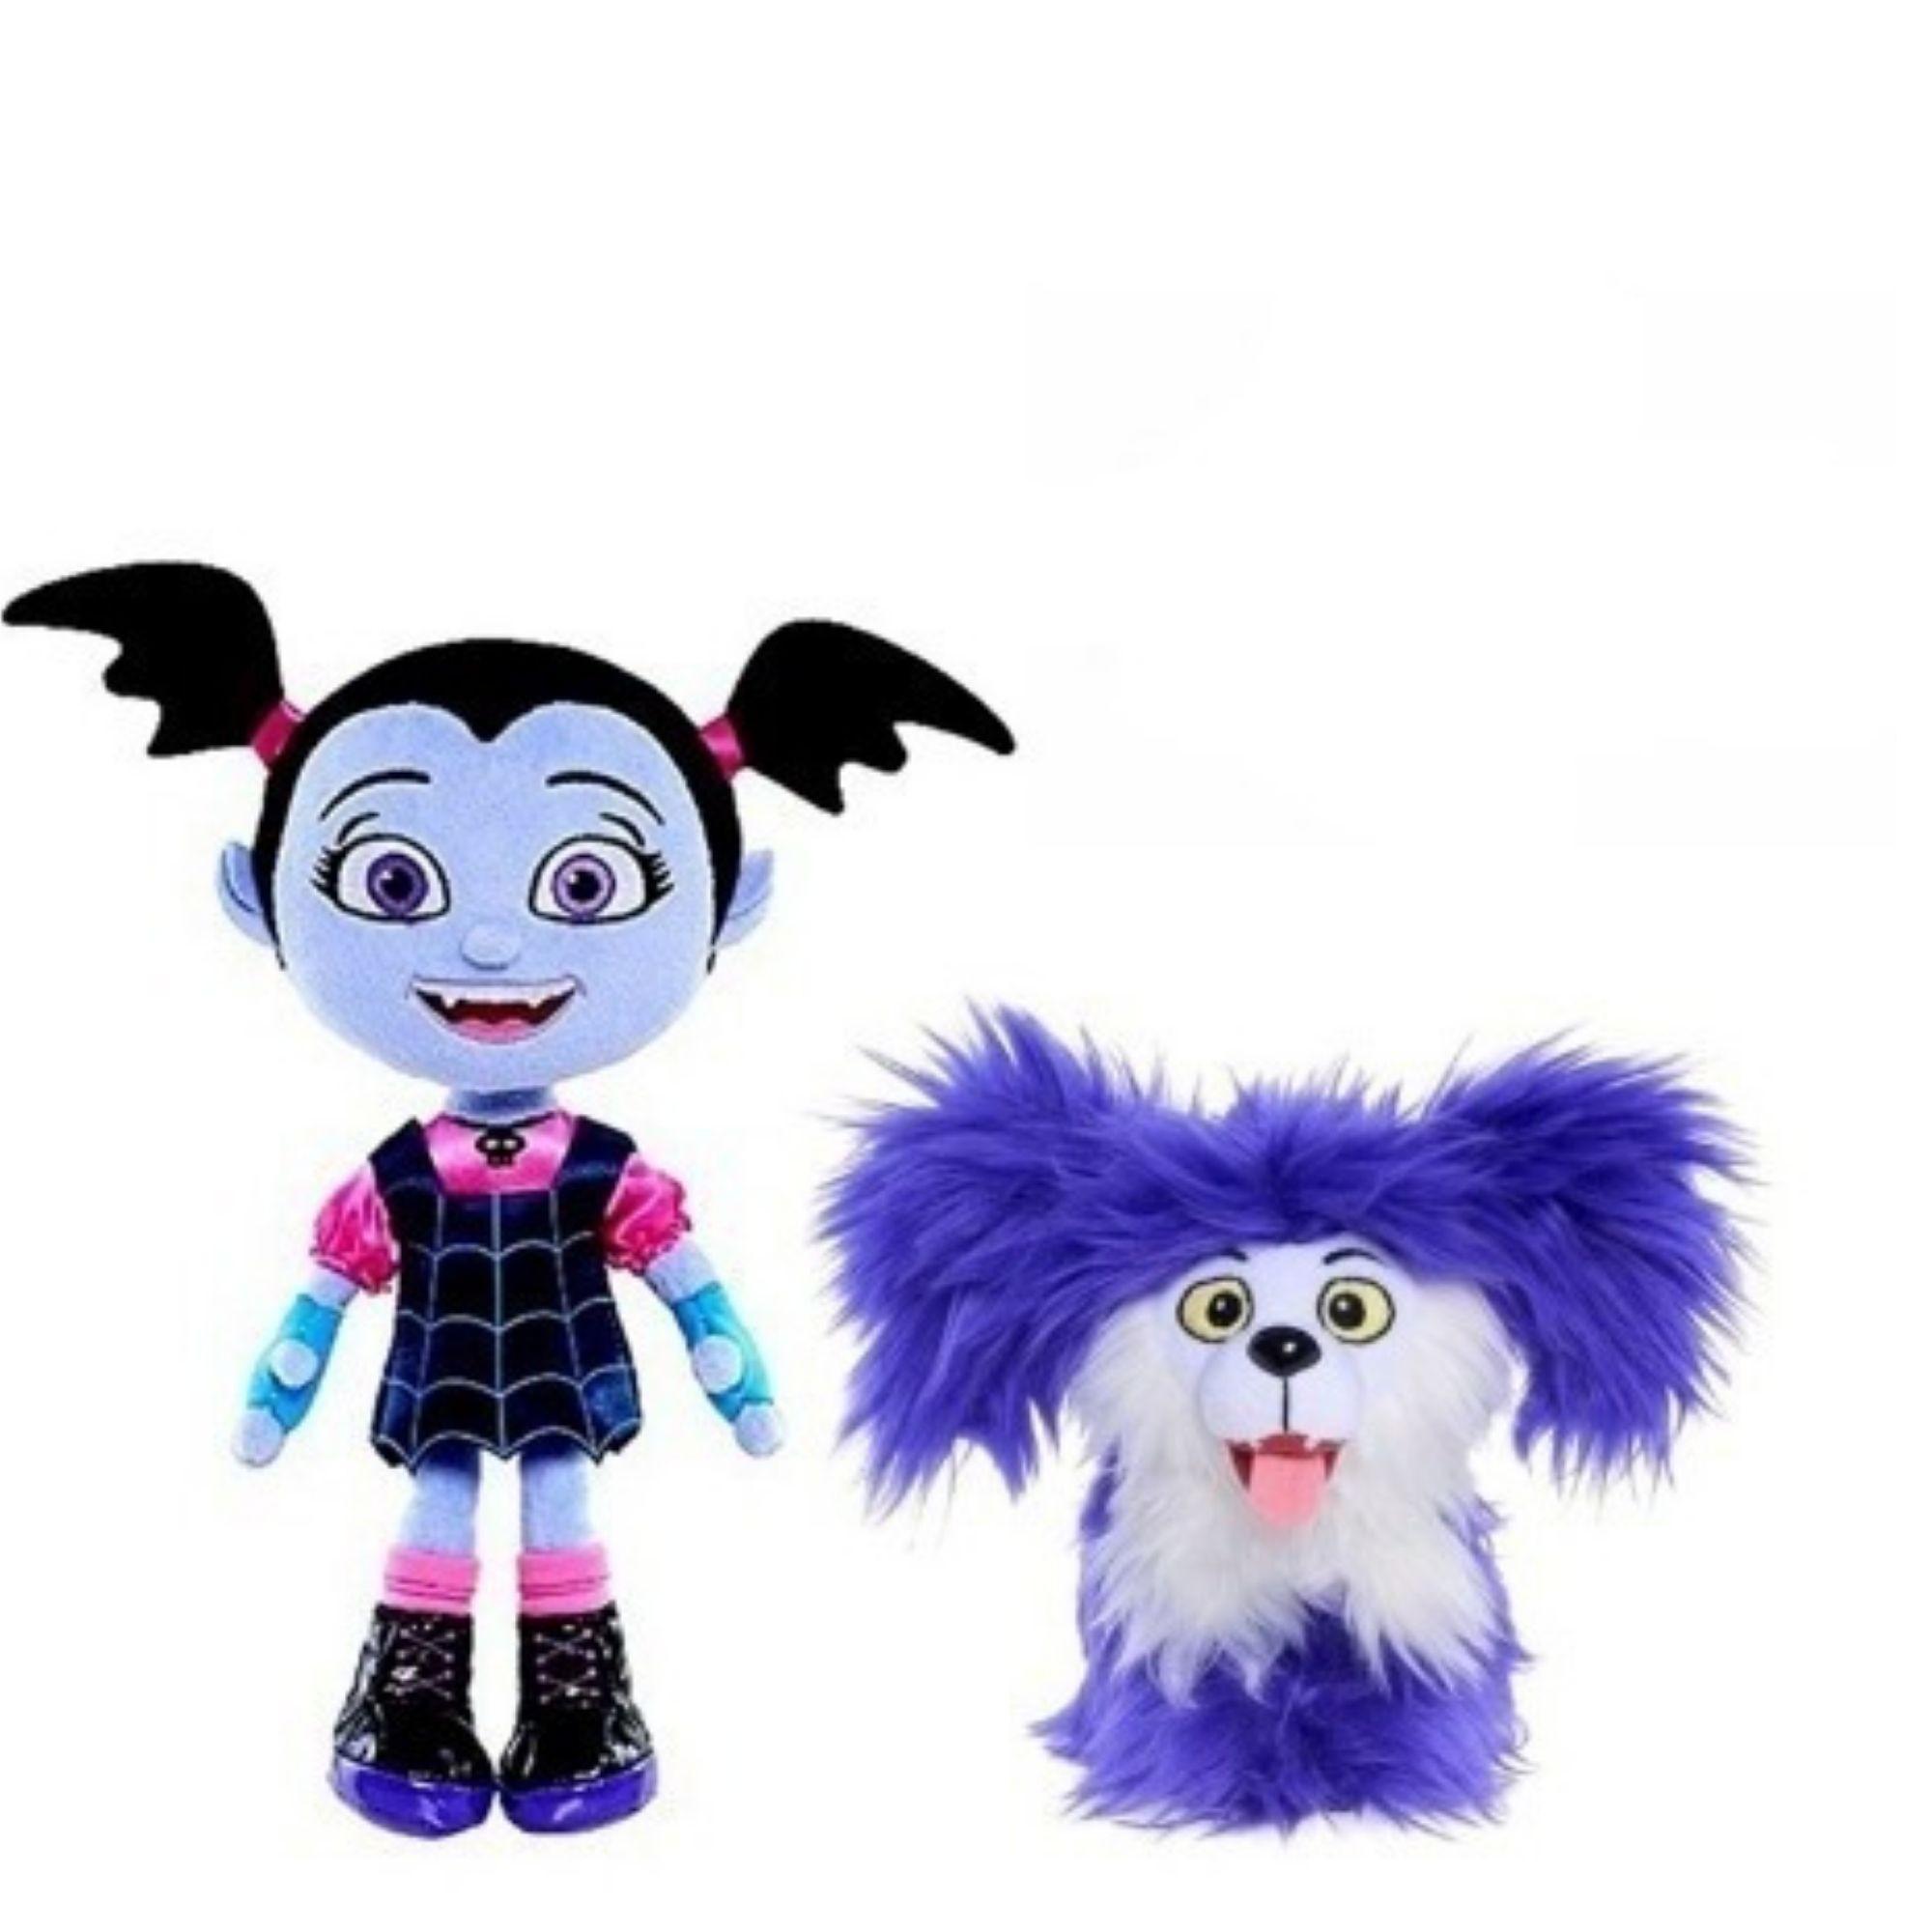 Vampirina Pelucia Kit com 3 Morcego, Woolfie e Vampirina Boneca  - Game Land Brinquedos